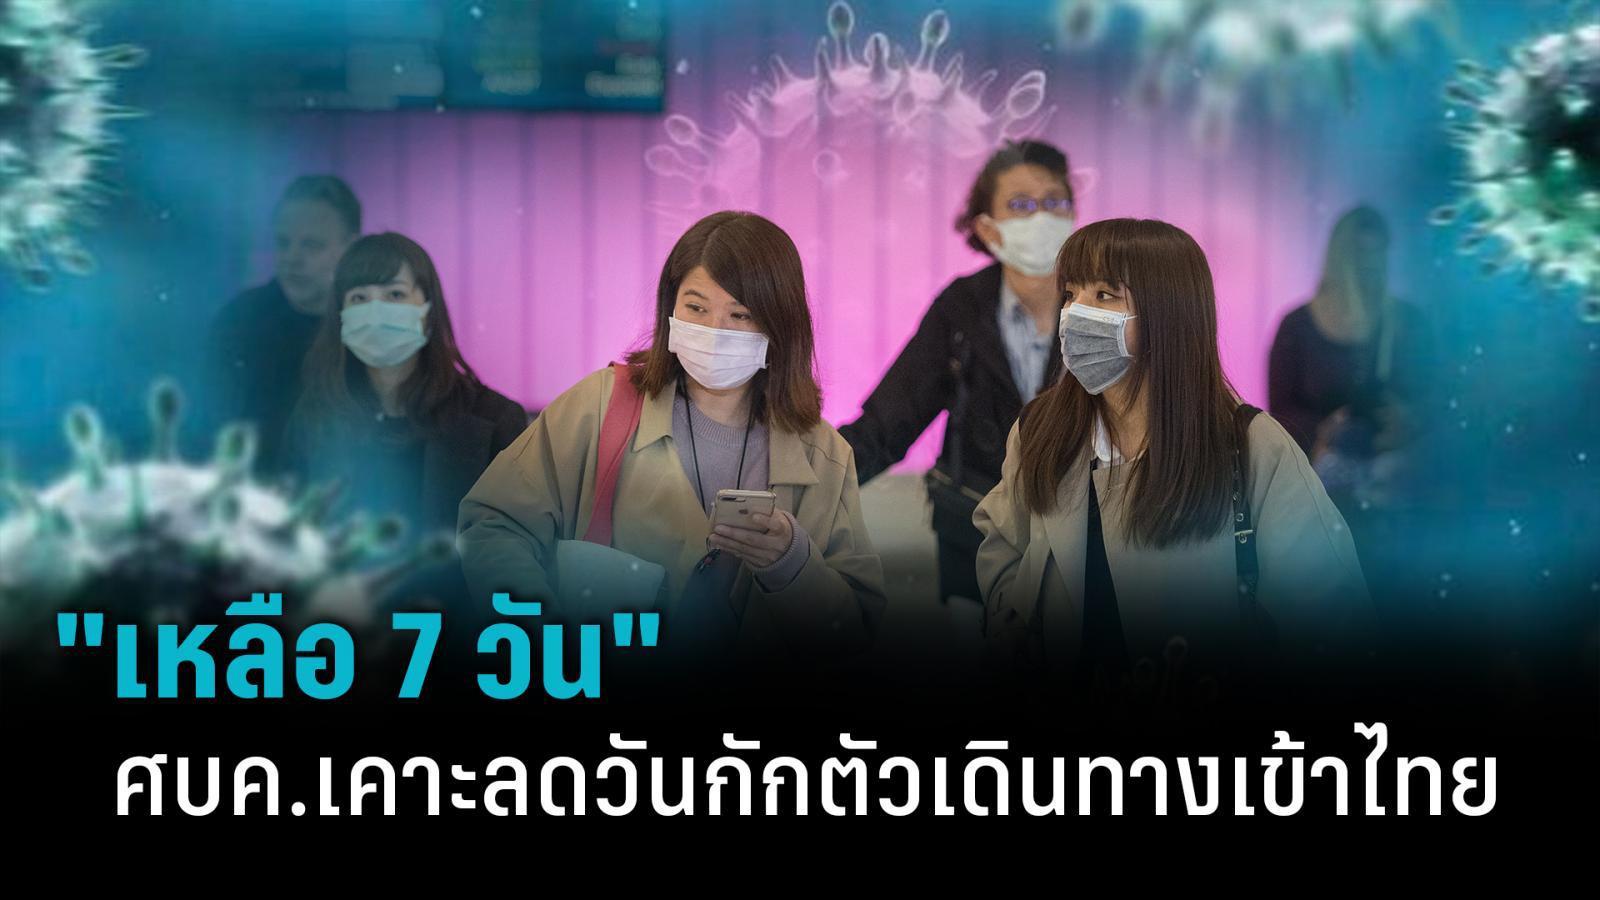 ลดวันกักตัวเดินทางเข้าไทย เหลือ 7 วัน กรณีมีใบรับรองฉีดวัคซีนครบโดส